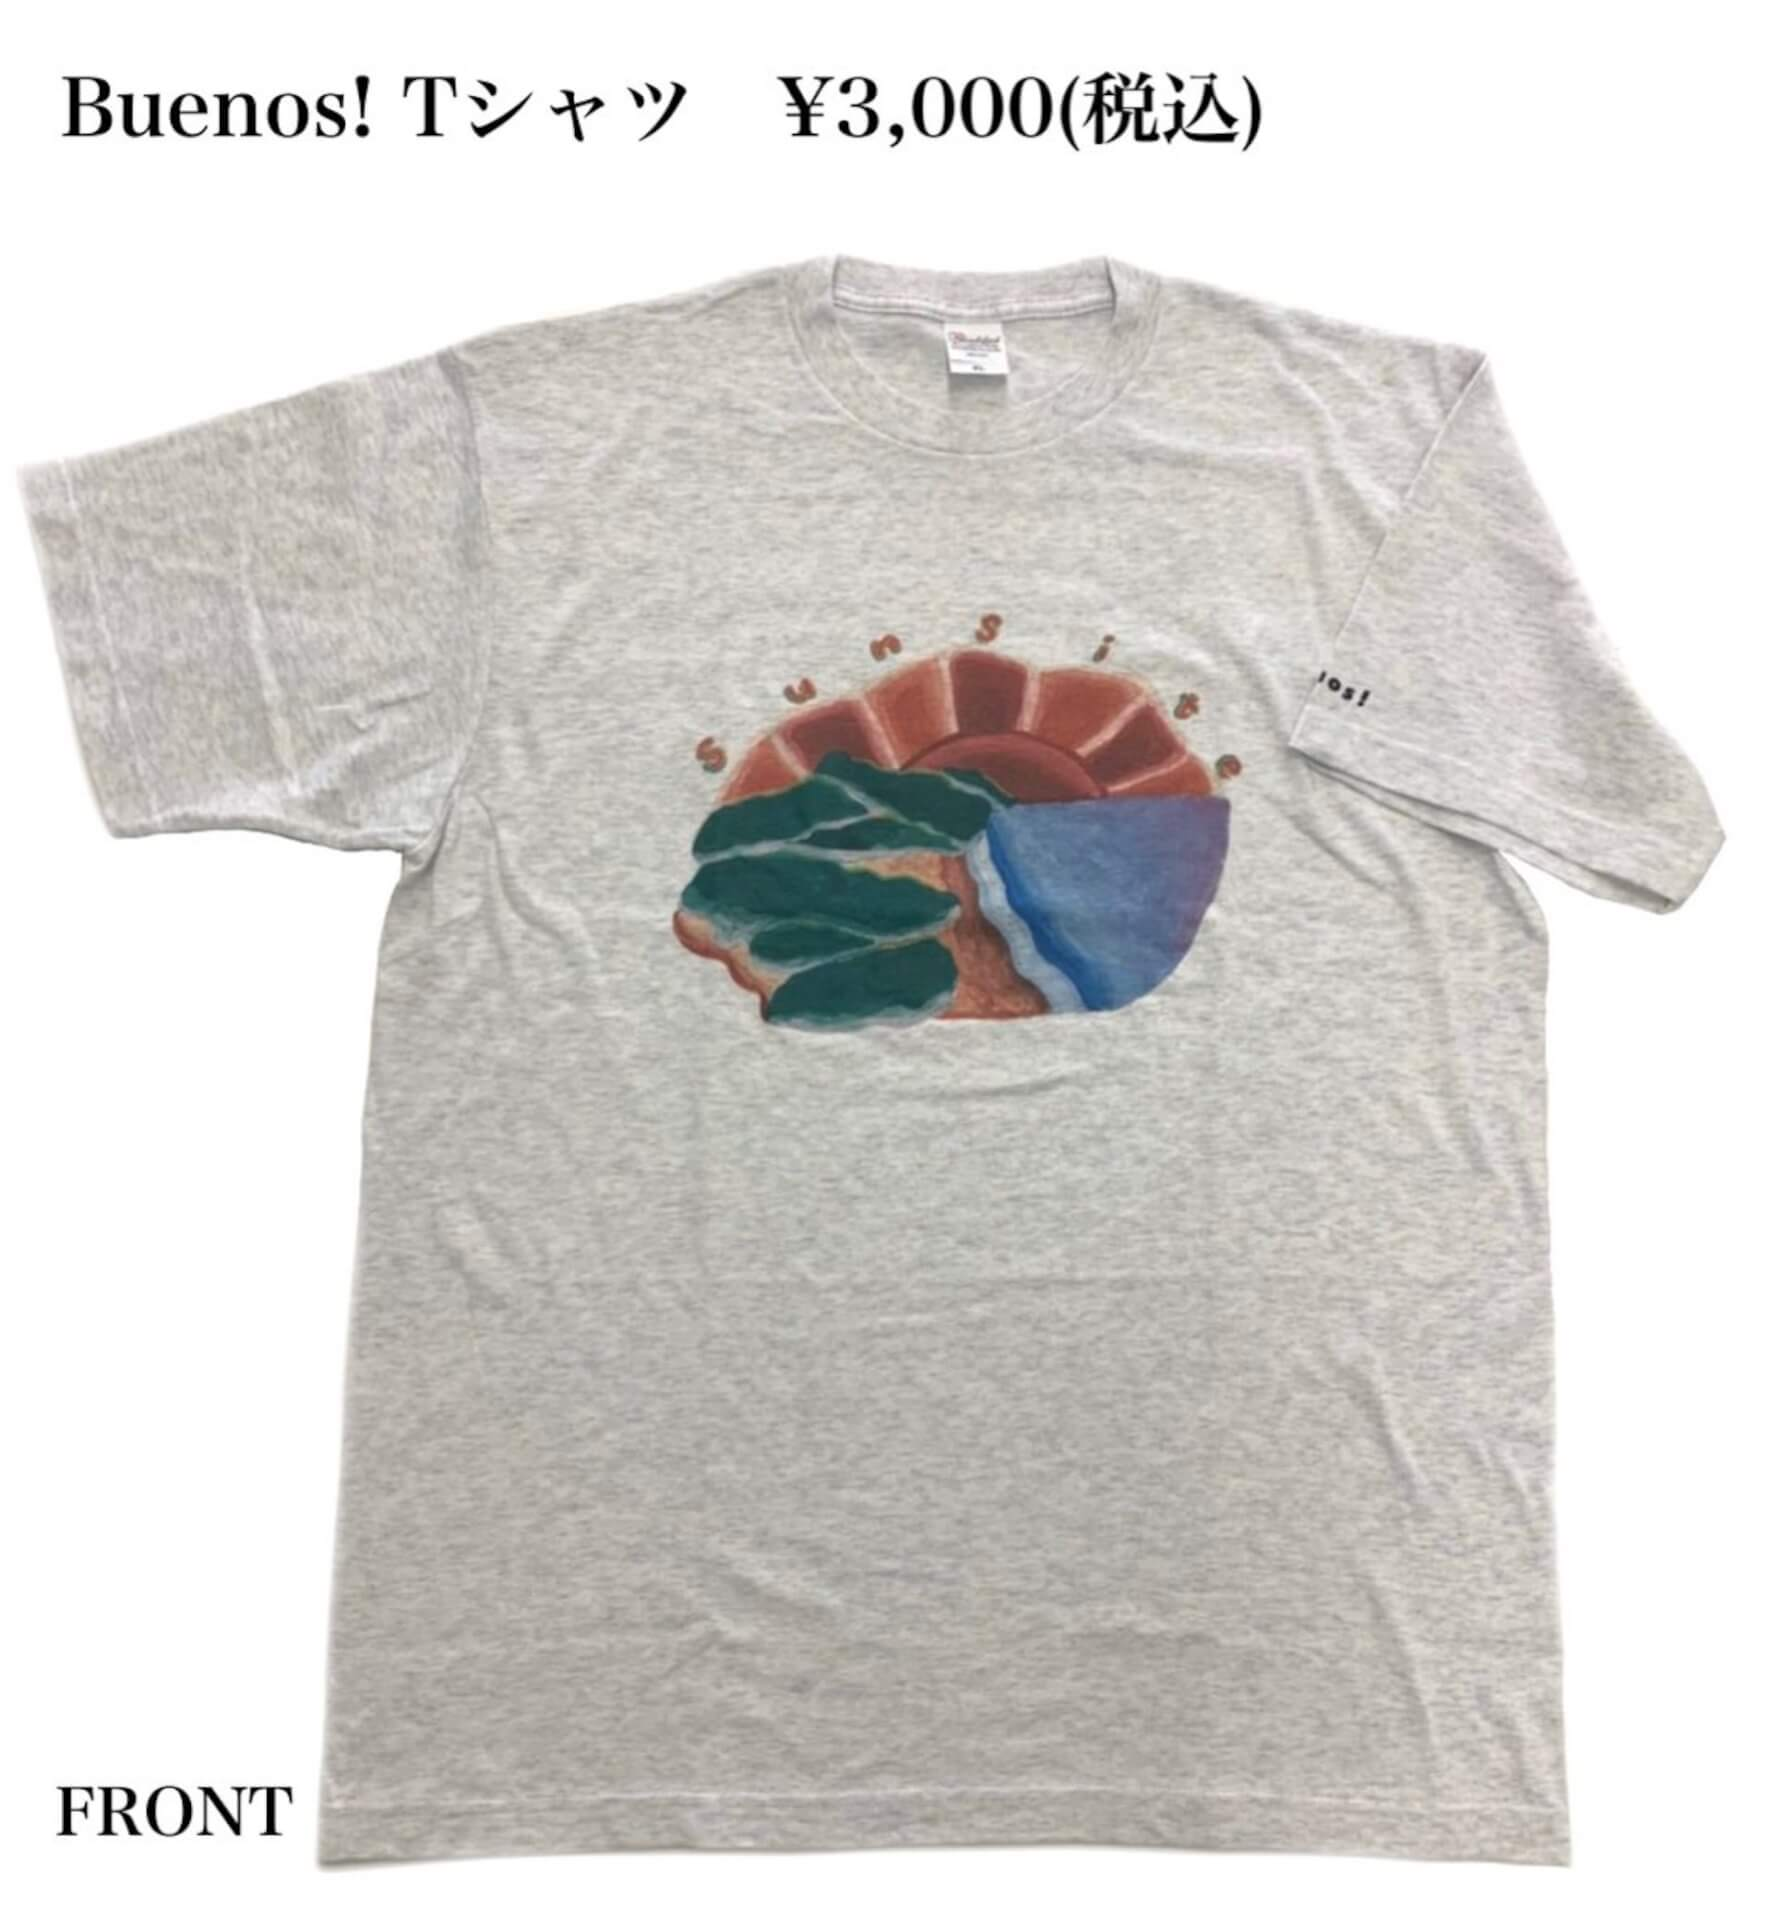 sunsiteの1stアルバム『Buenos!』発売記念!オリジナルTシャツがタワーレコードにて限定販売決定 music210506_sunsite-210506_5